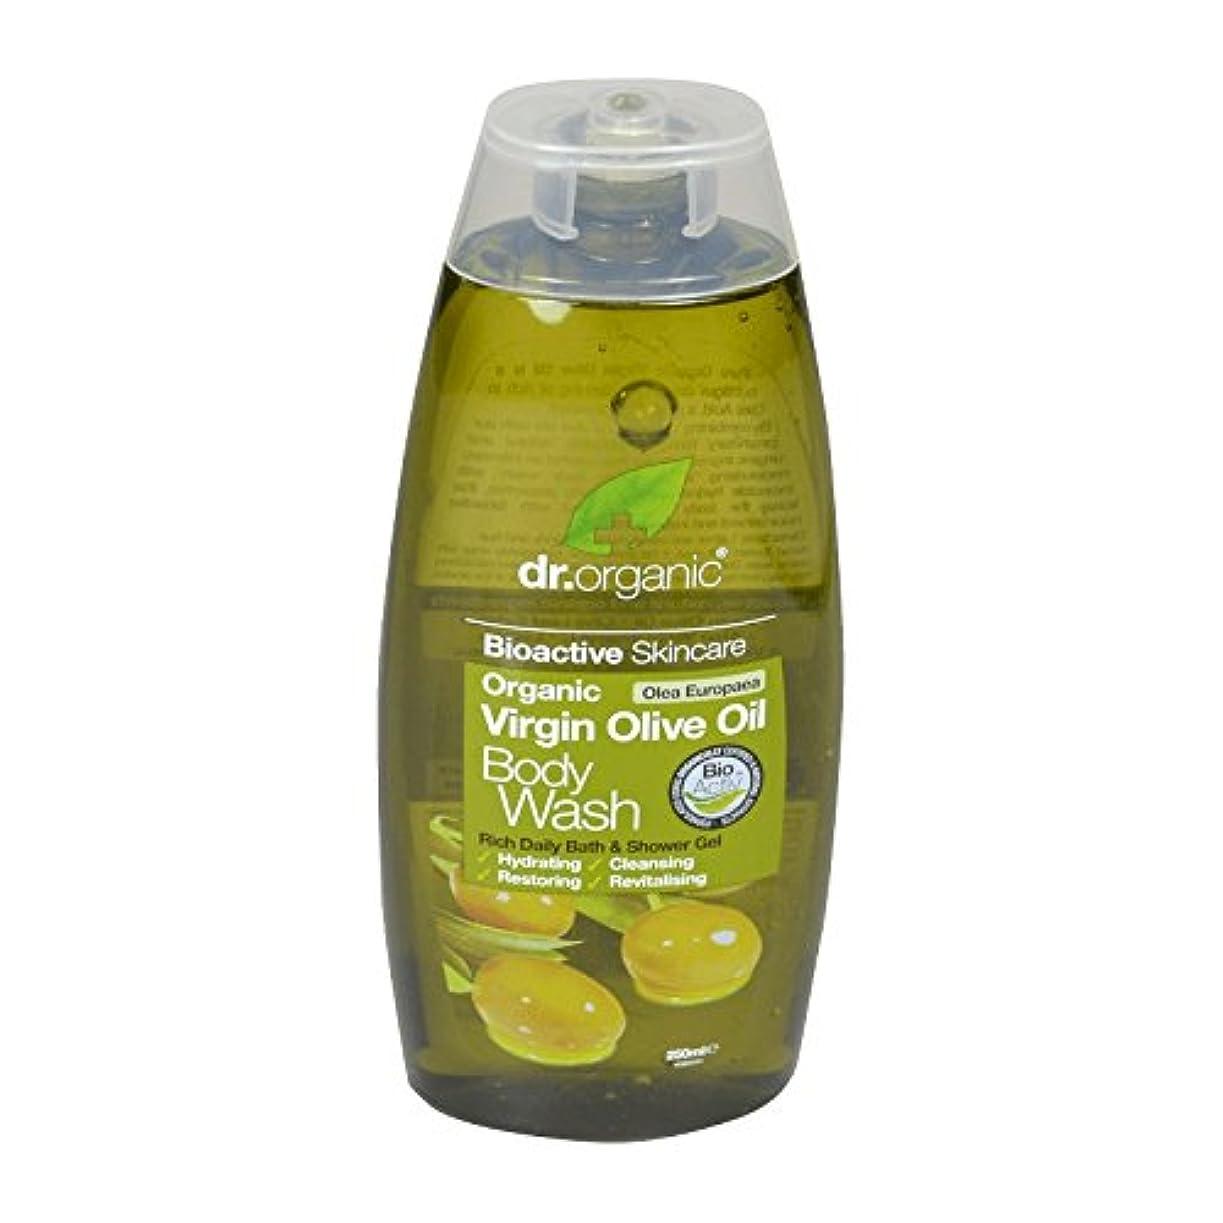 巻き戻す招待副Dr Organic Virgin Olive Oil Body Wash (Pack of 6) - Dr有機バージンオリーブオイルボディウォッシュ (x6) [並行輸入品]